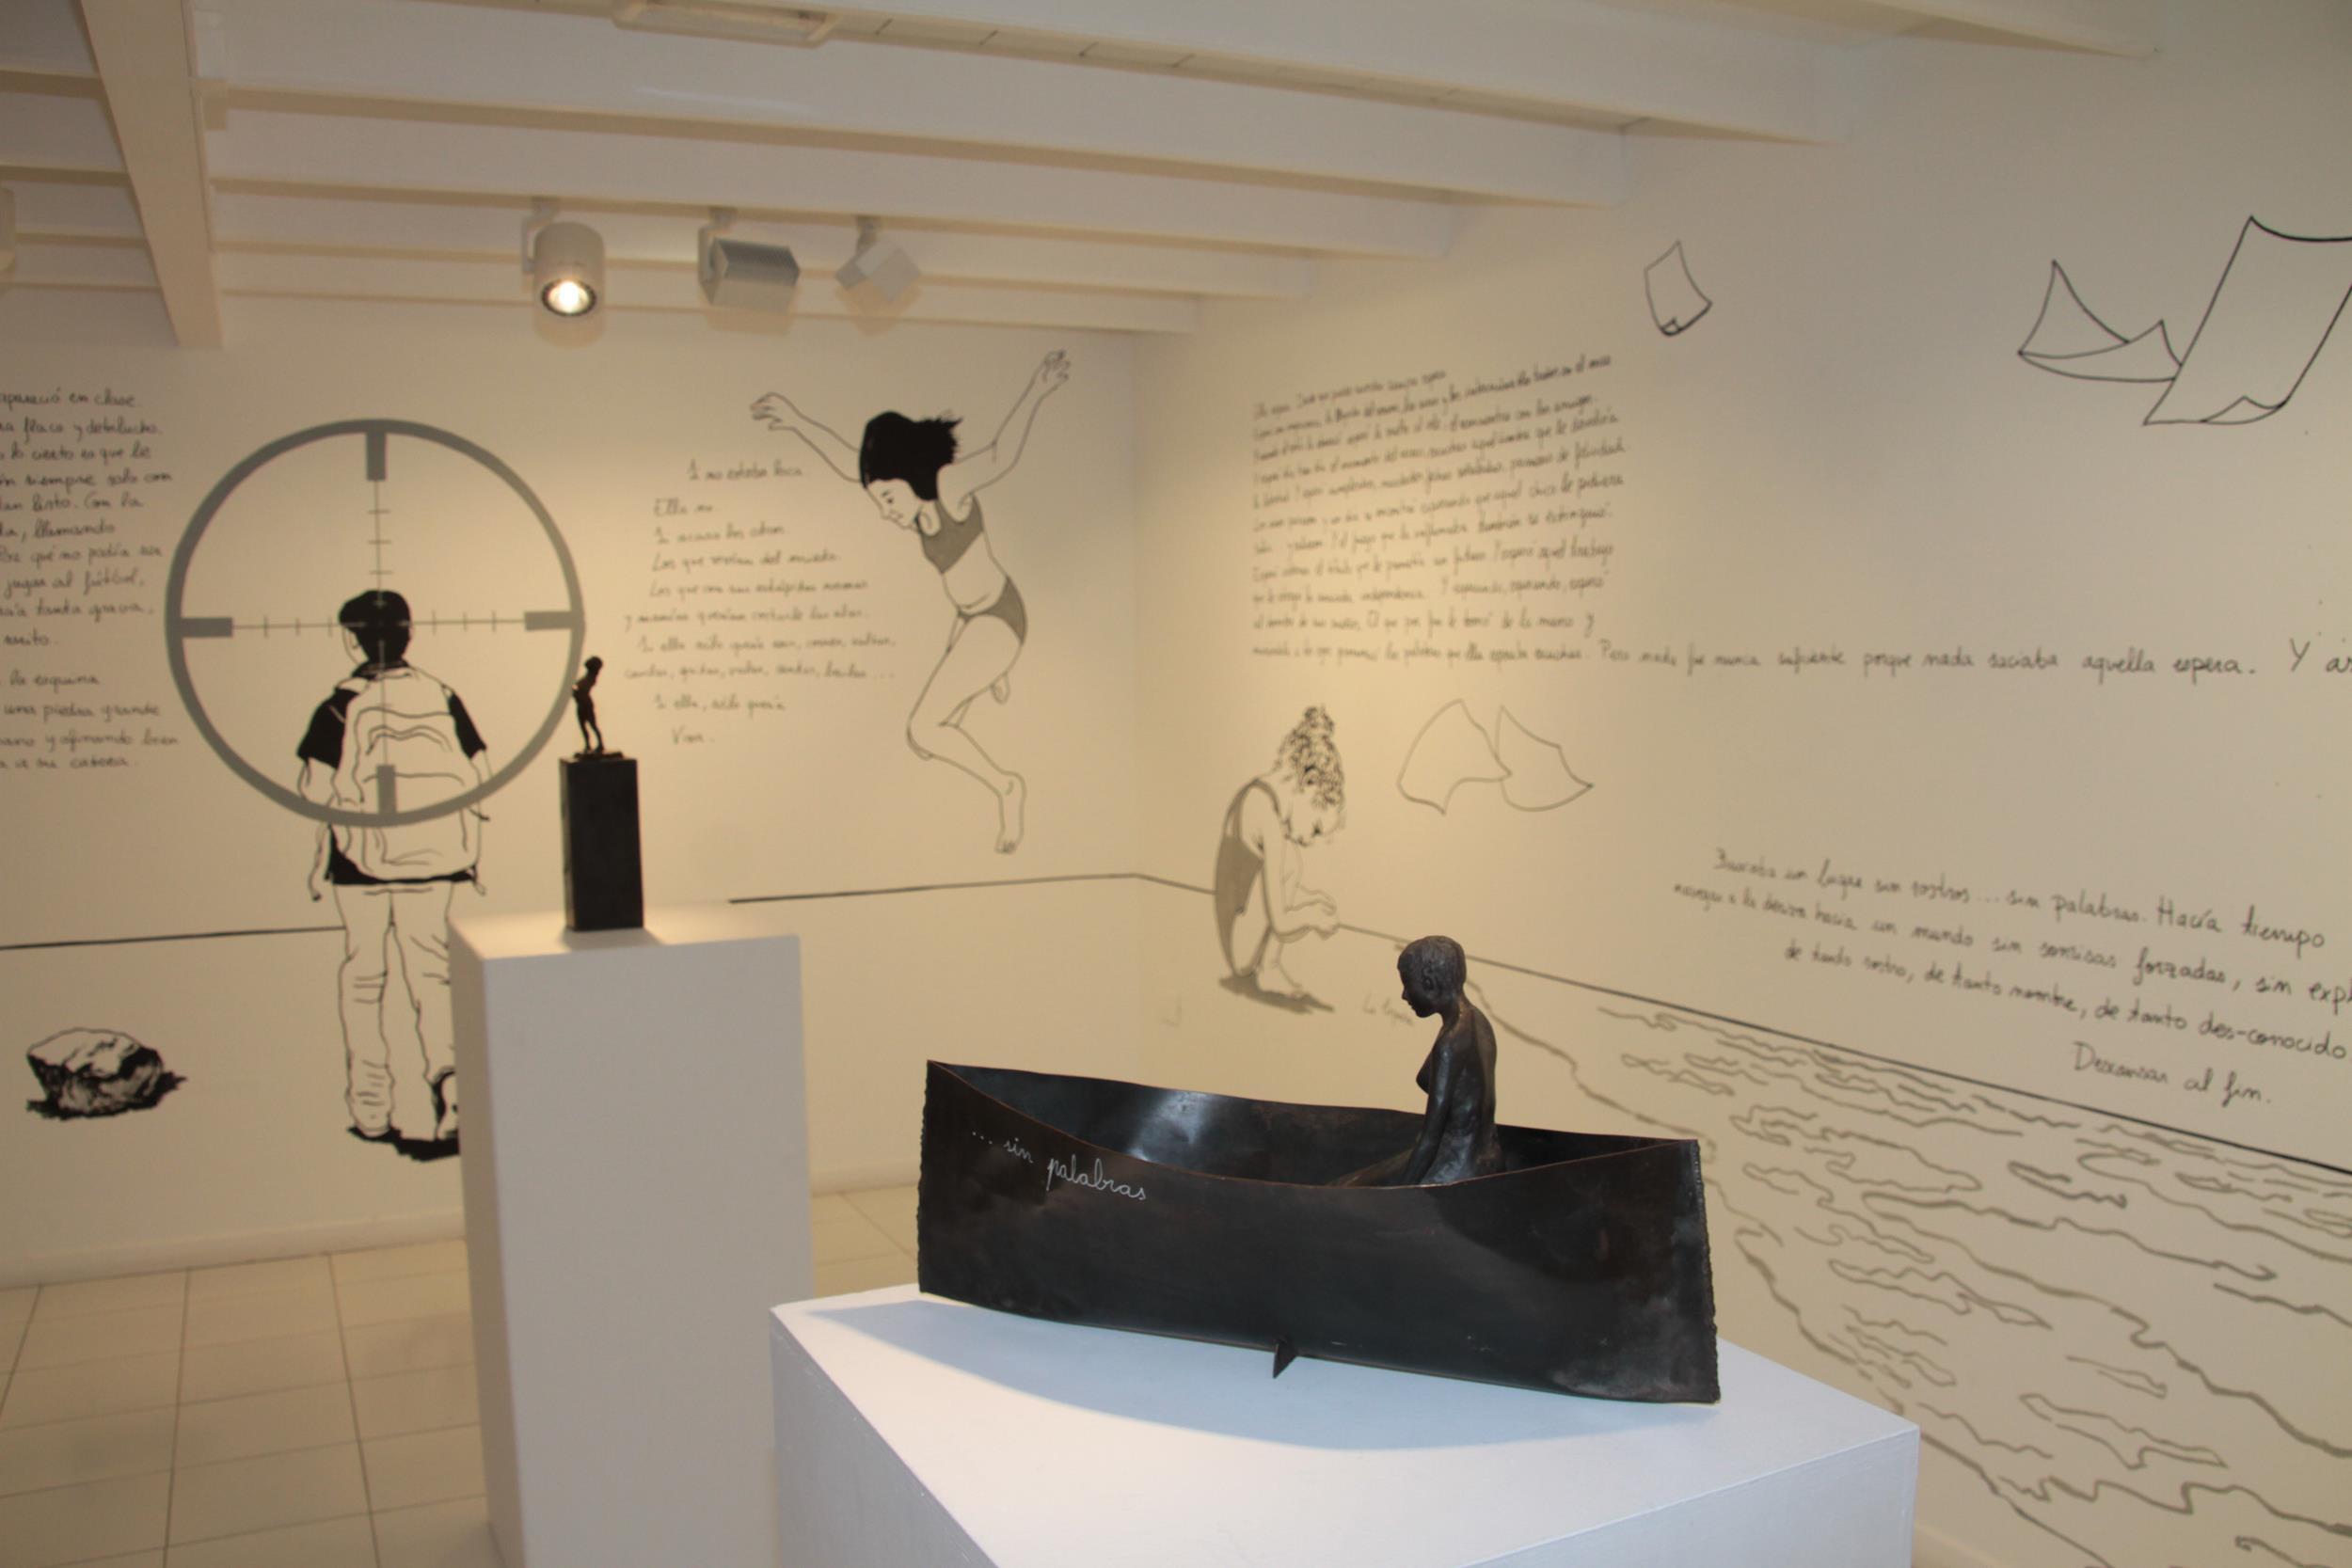 La exposición Caídas, de Raquel Plans, se inaugura mañana en el CIC El Almacén